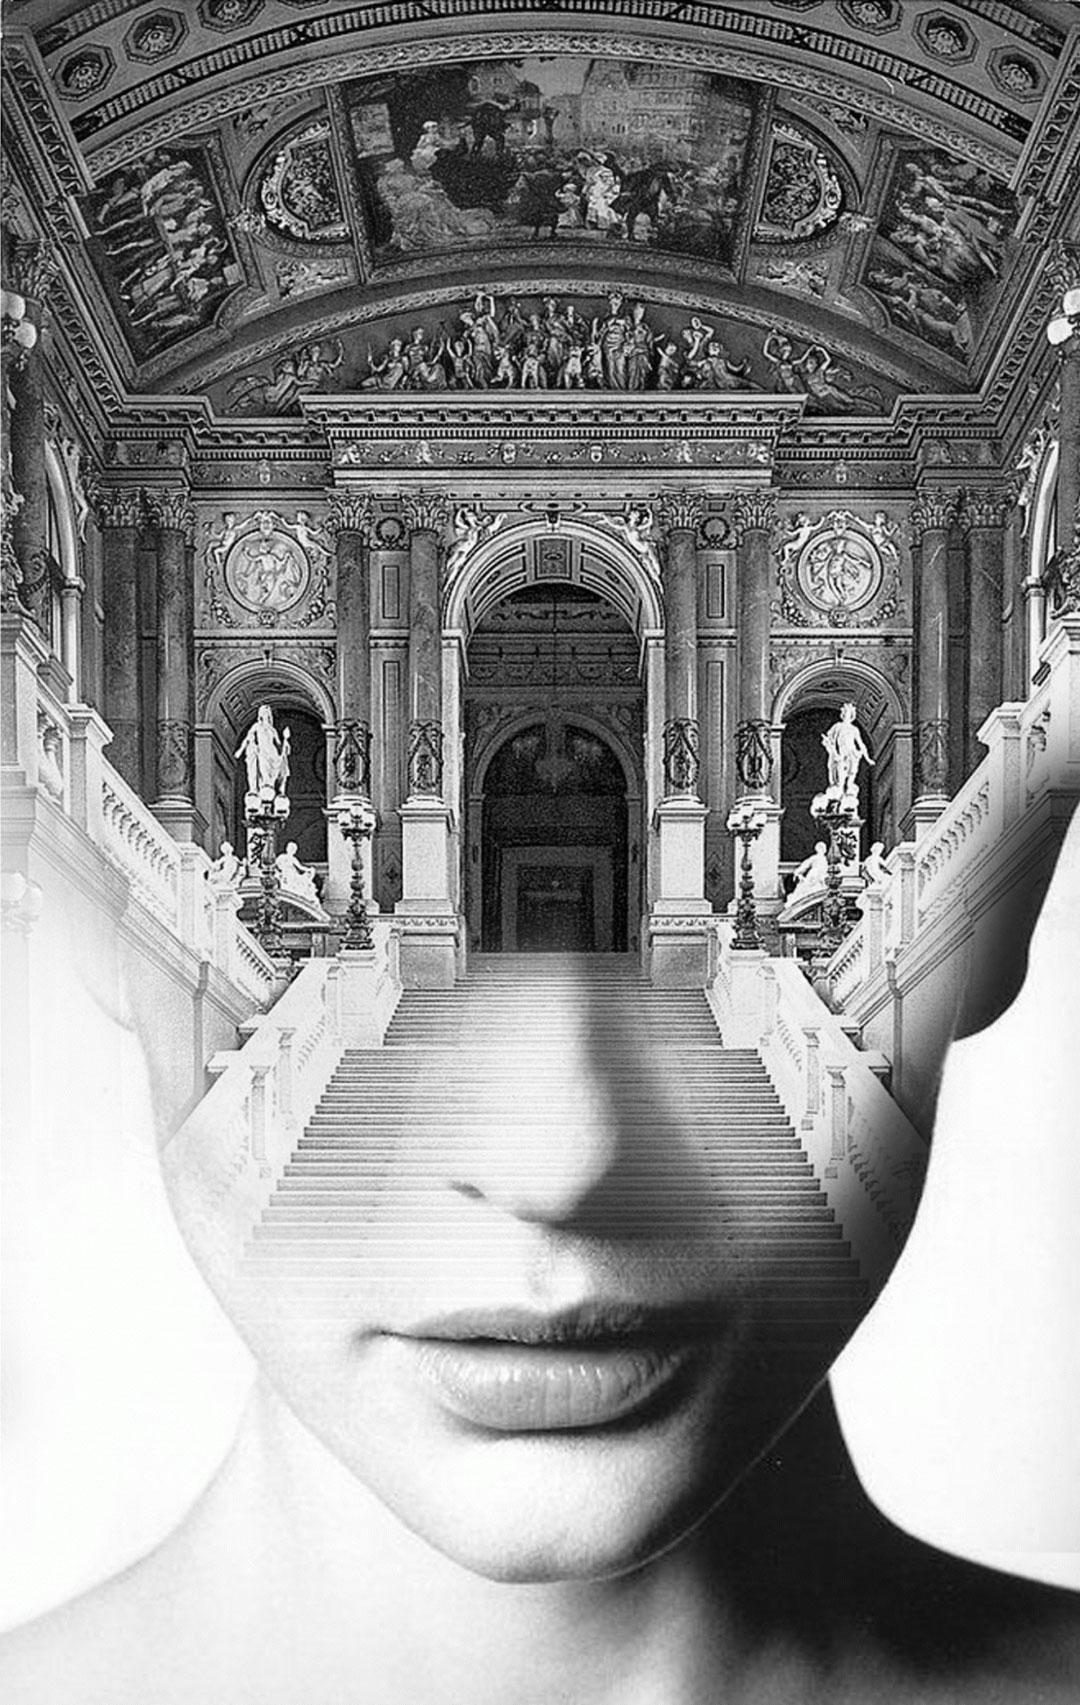 Hypnotic Double Exposure Portraits, Antonio Mora | Yellowtrace